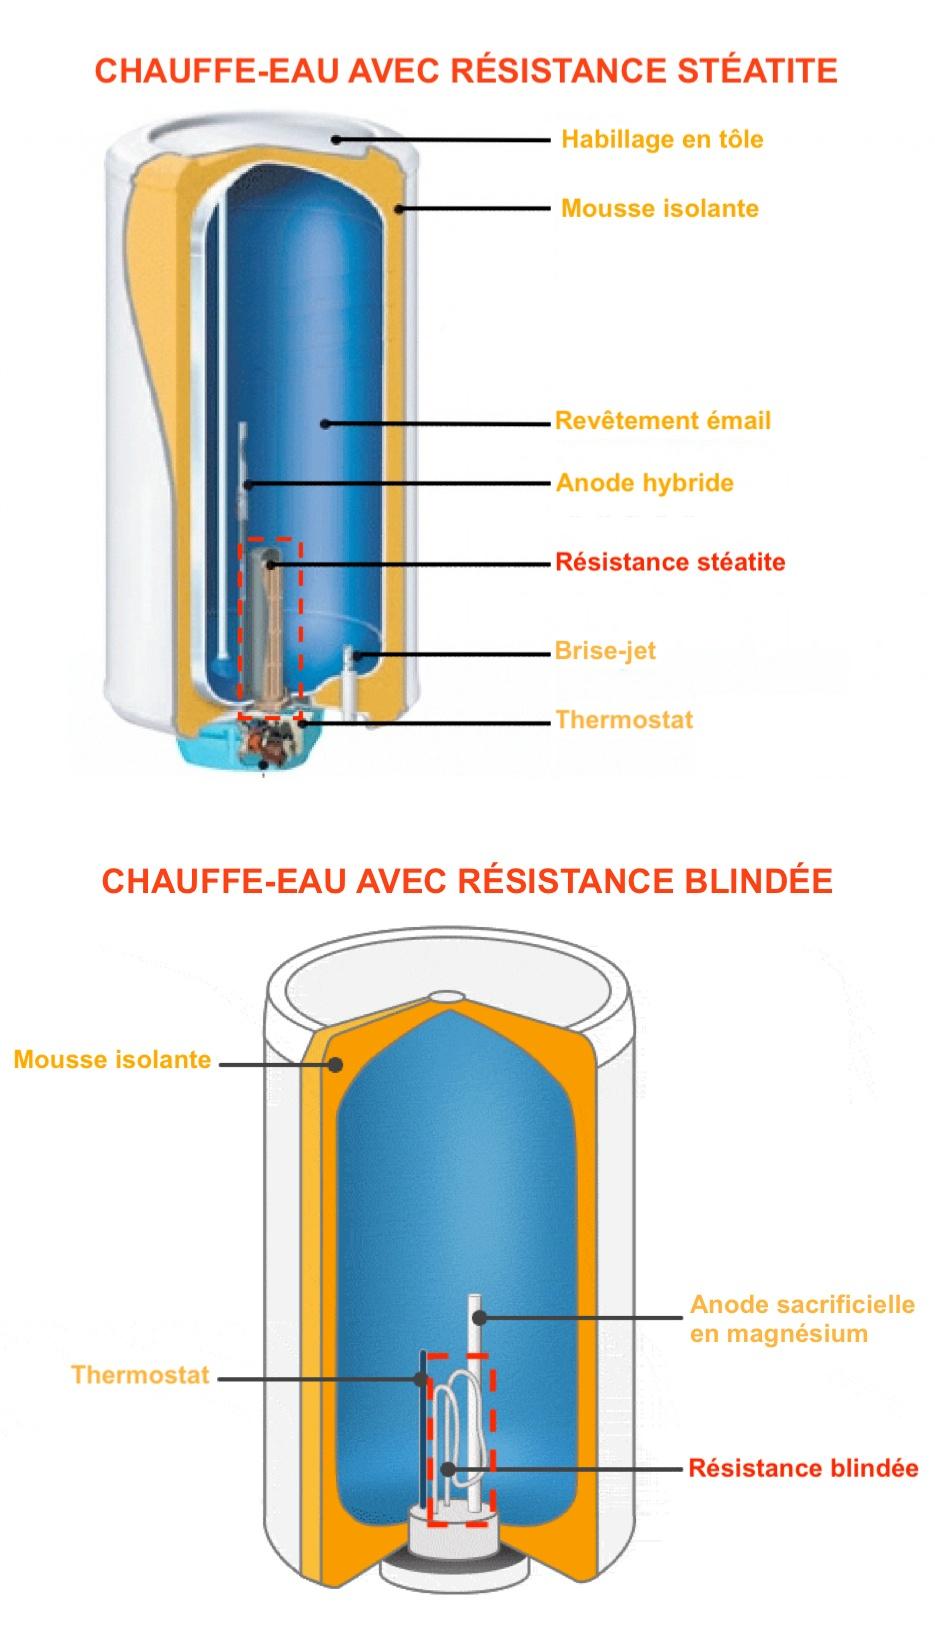 Groupe de securite chauffe eau - Resistance - Contacteur ...